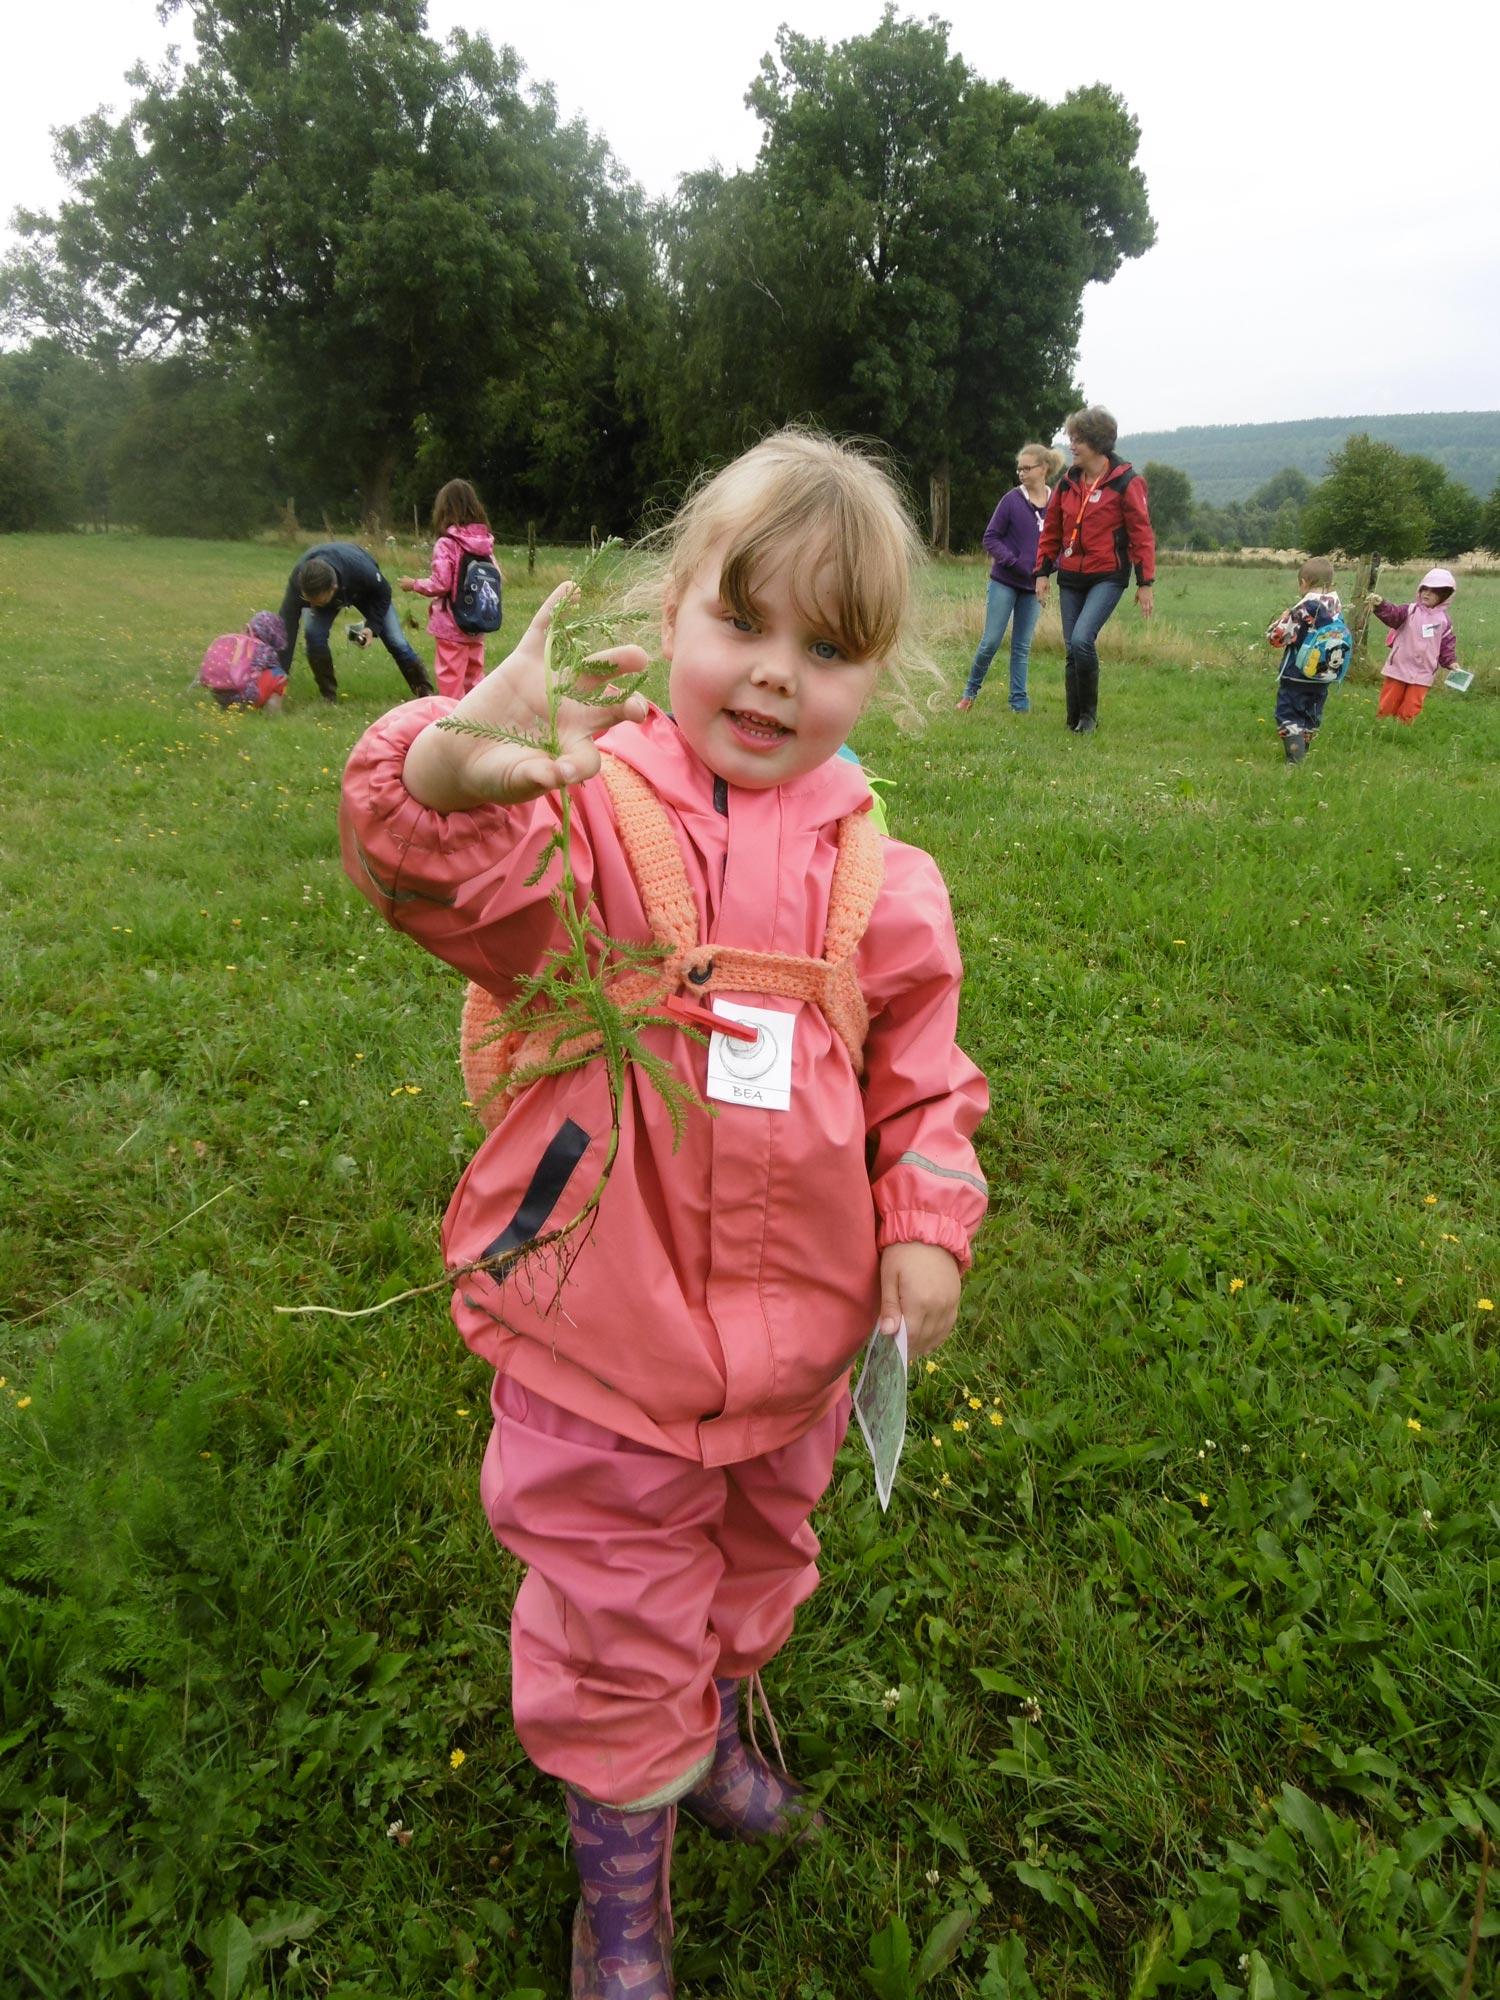 Kinder entdecken spannendes auf der Wiese